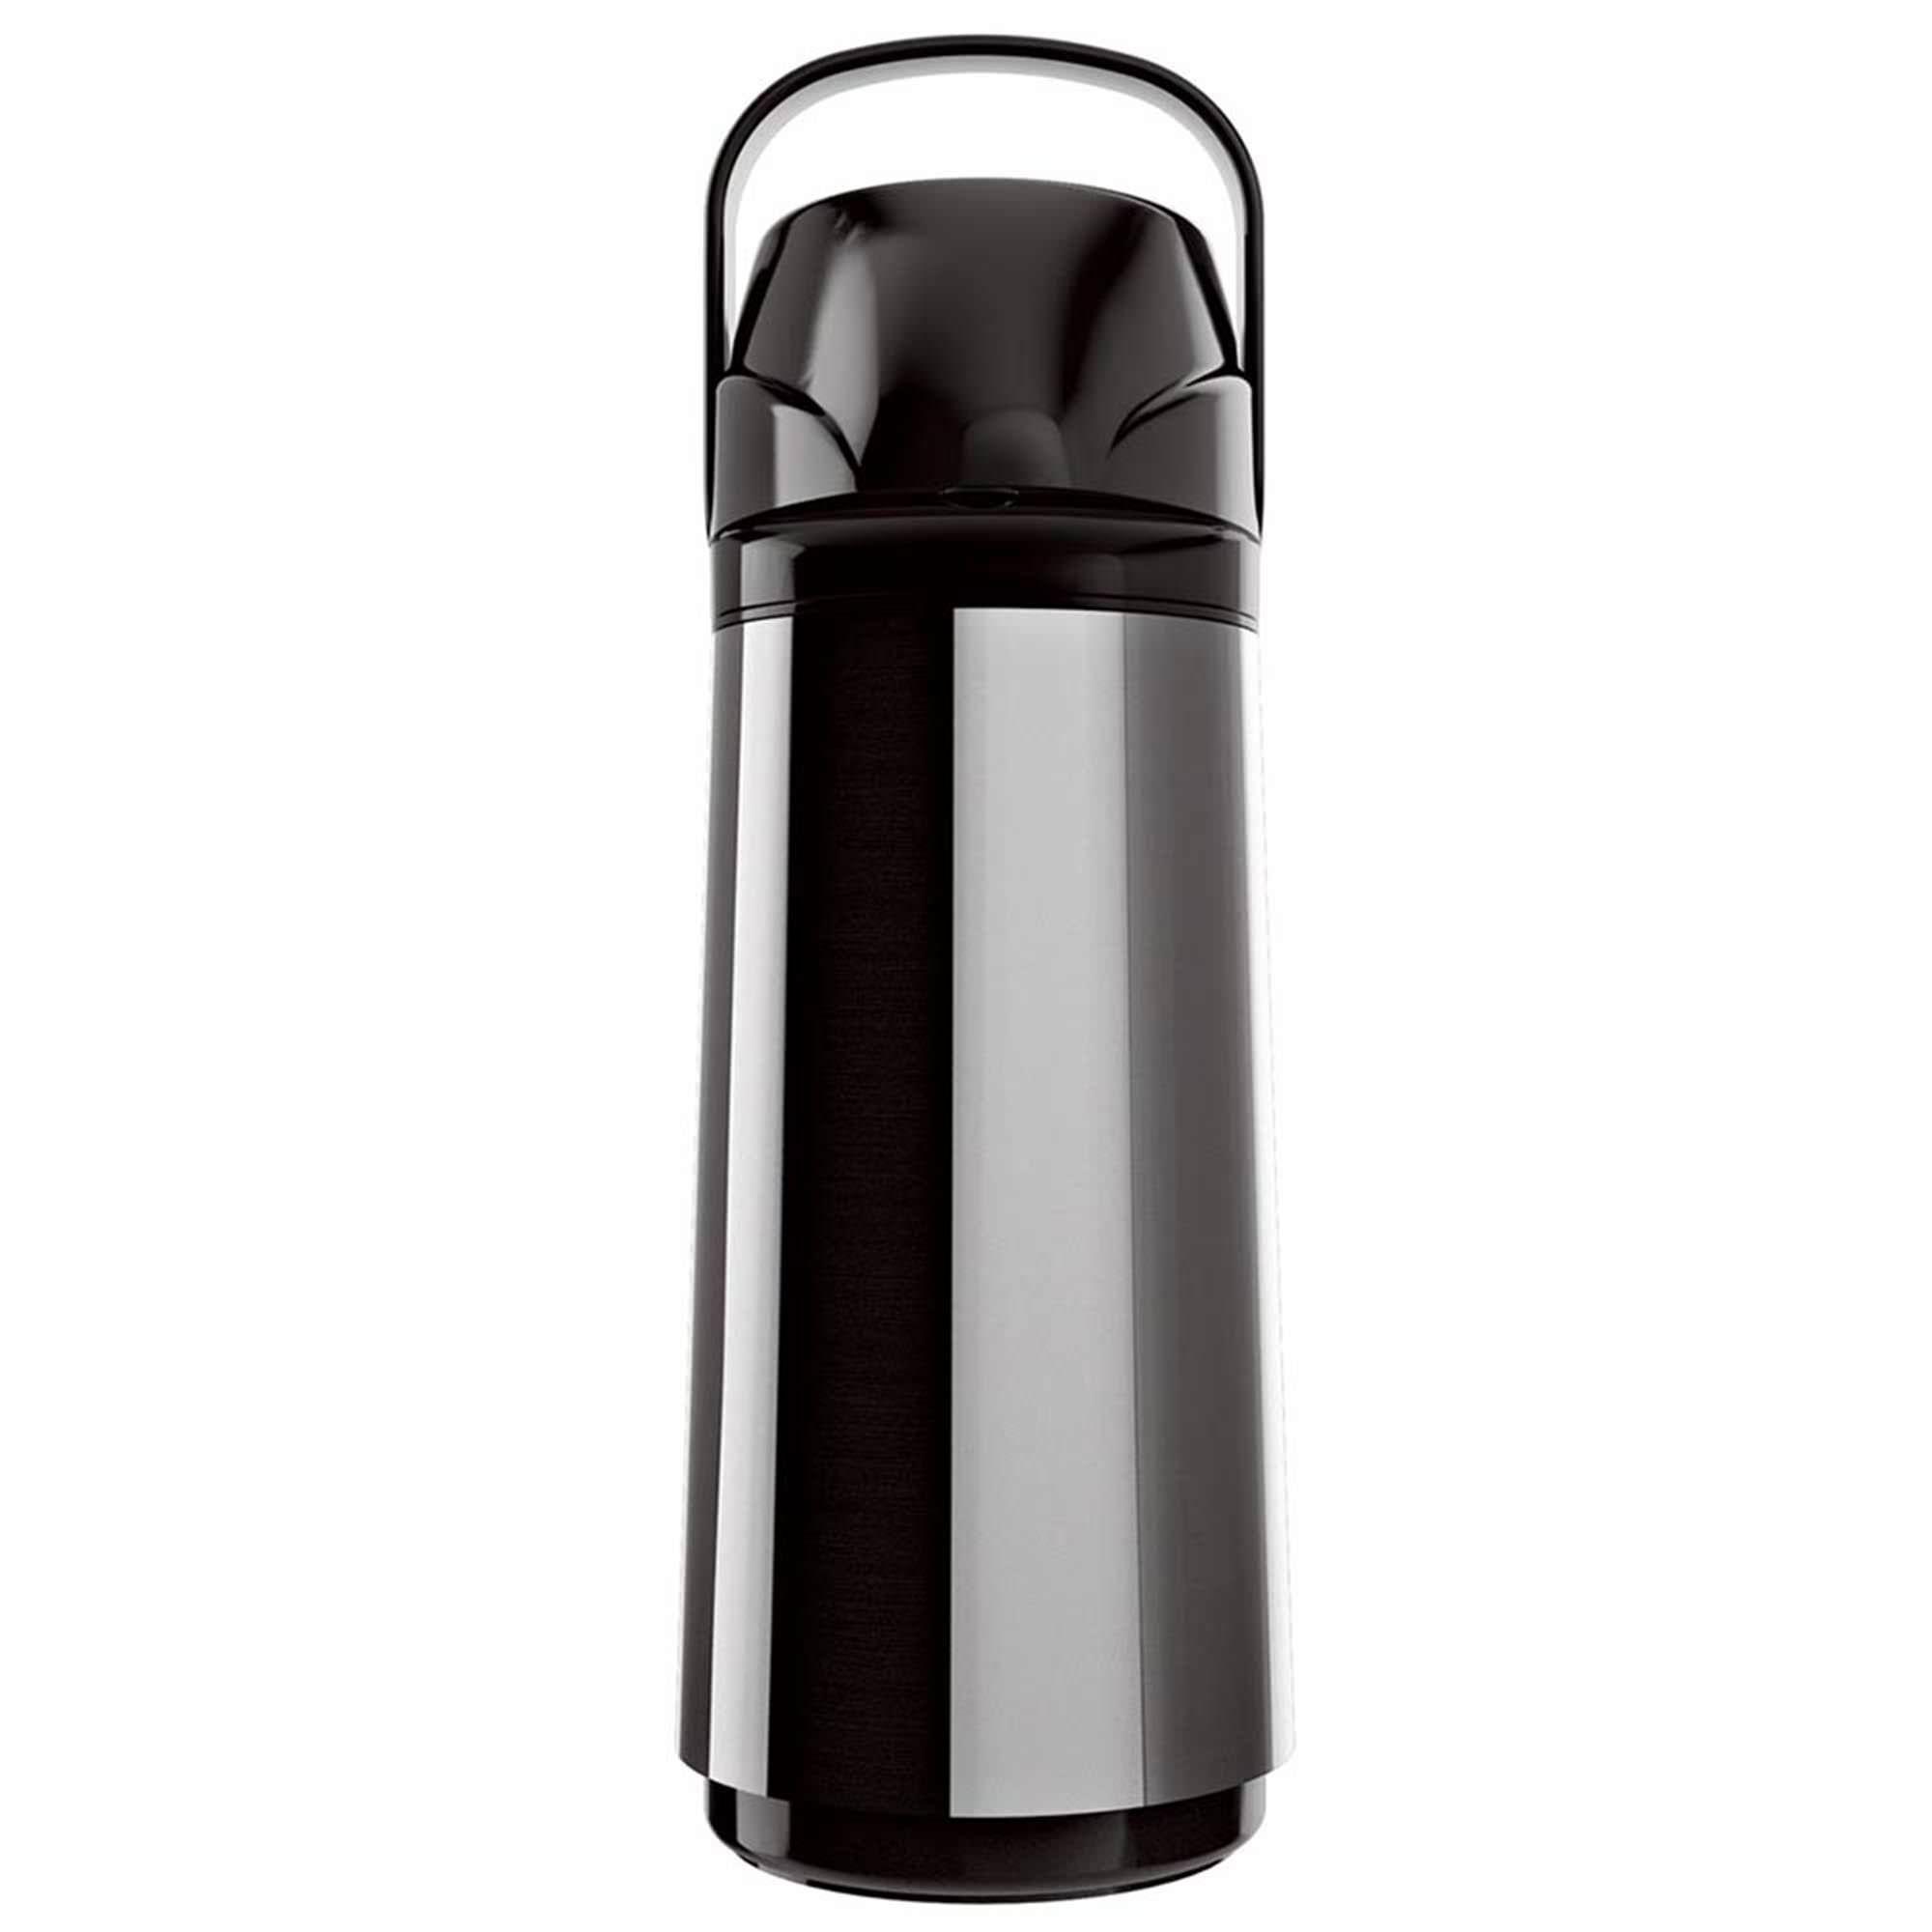 Garrafa Térmica de Pressão Inox 1,8 L Air Pot Slim